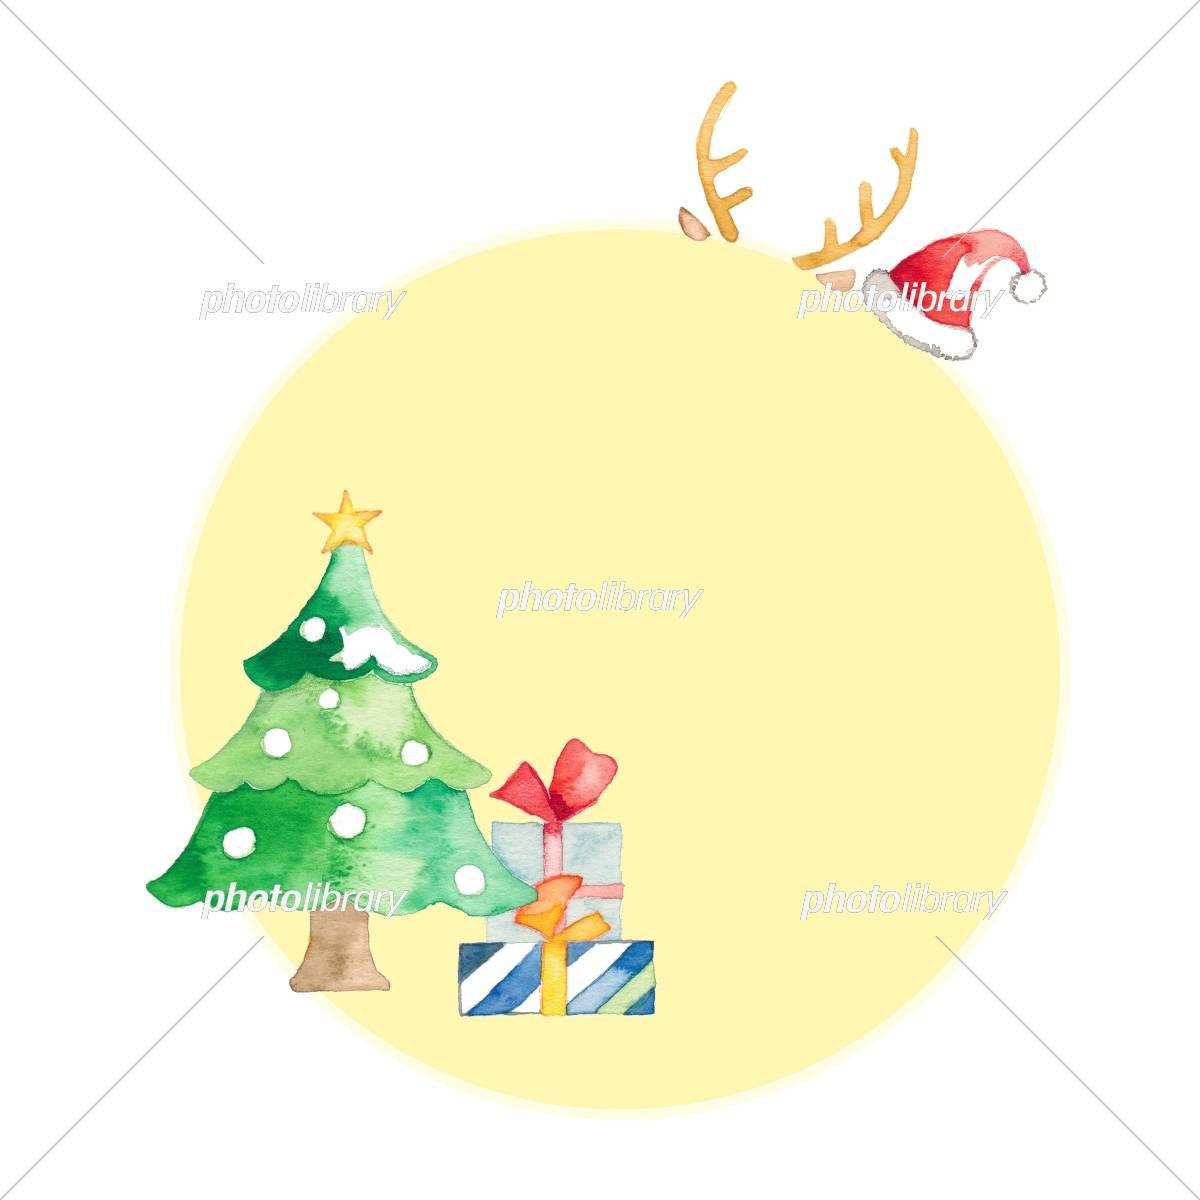 カレンダー 12月 イラスト素材 フォトライブラリー Photolibrary